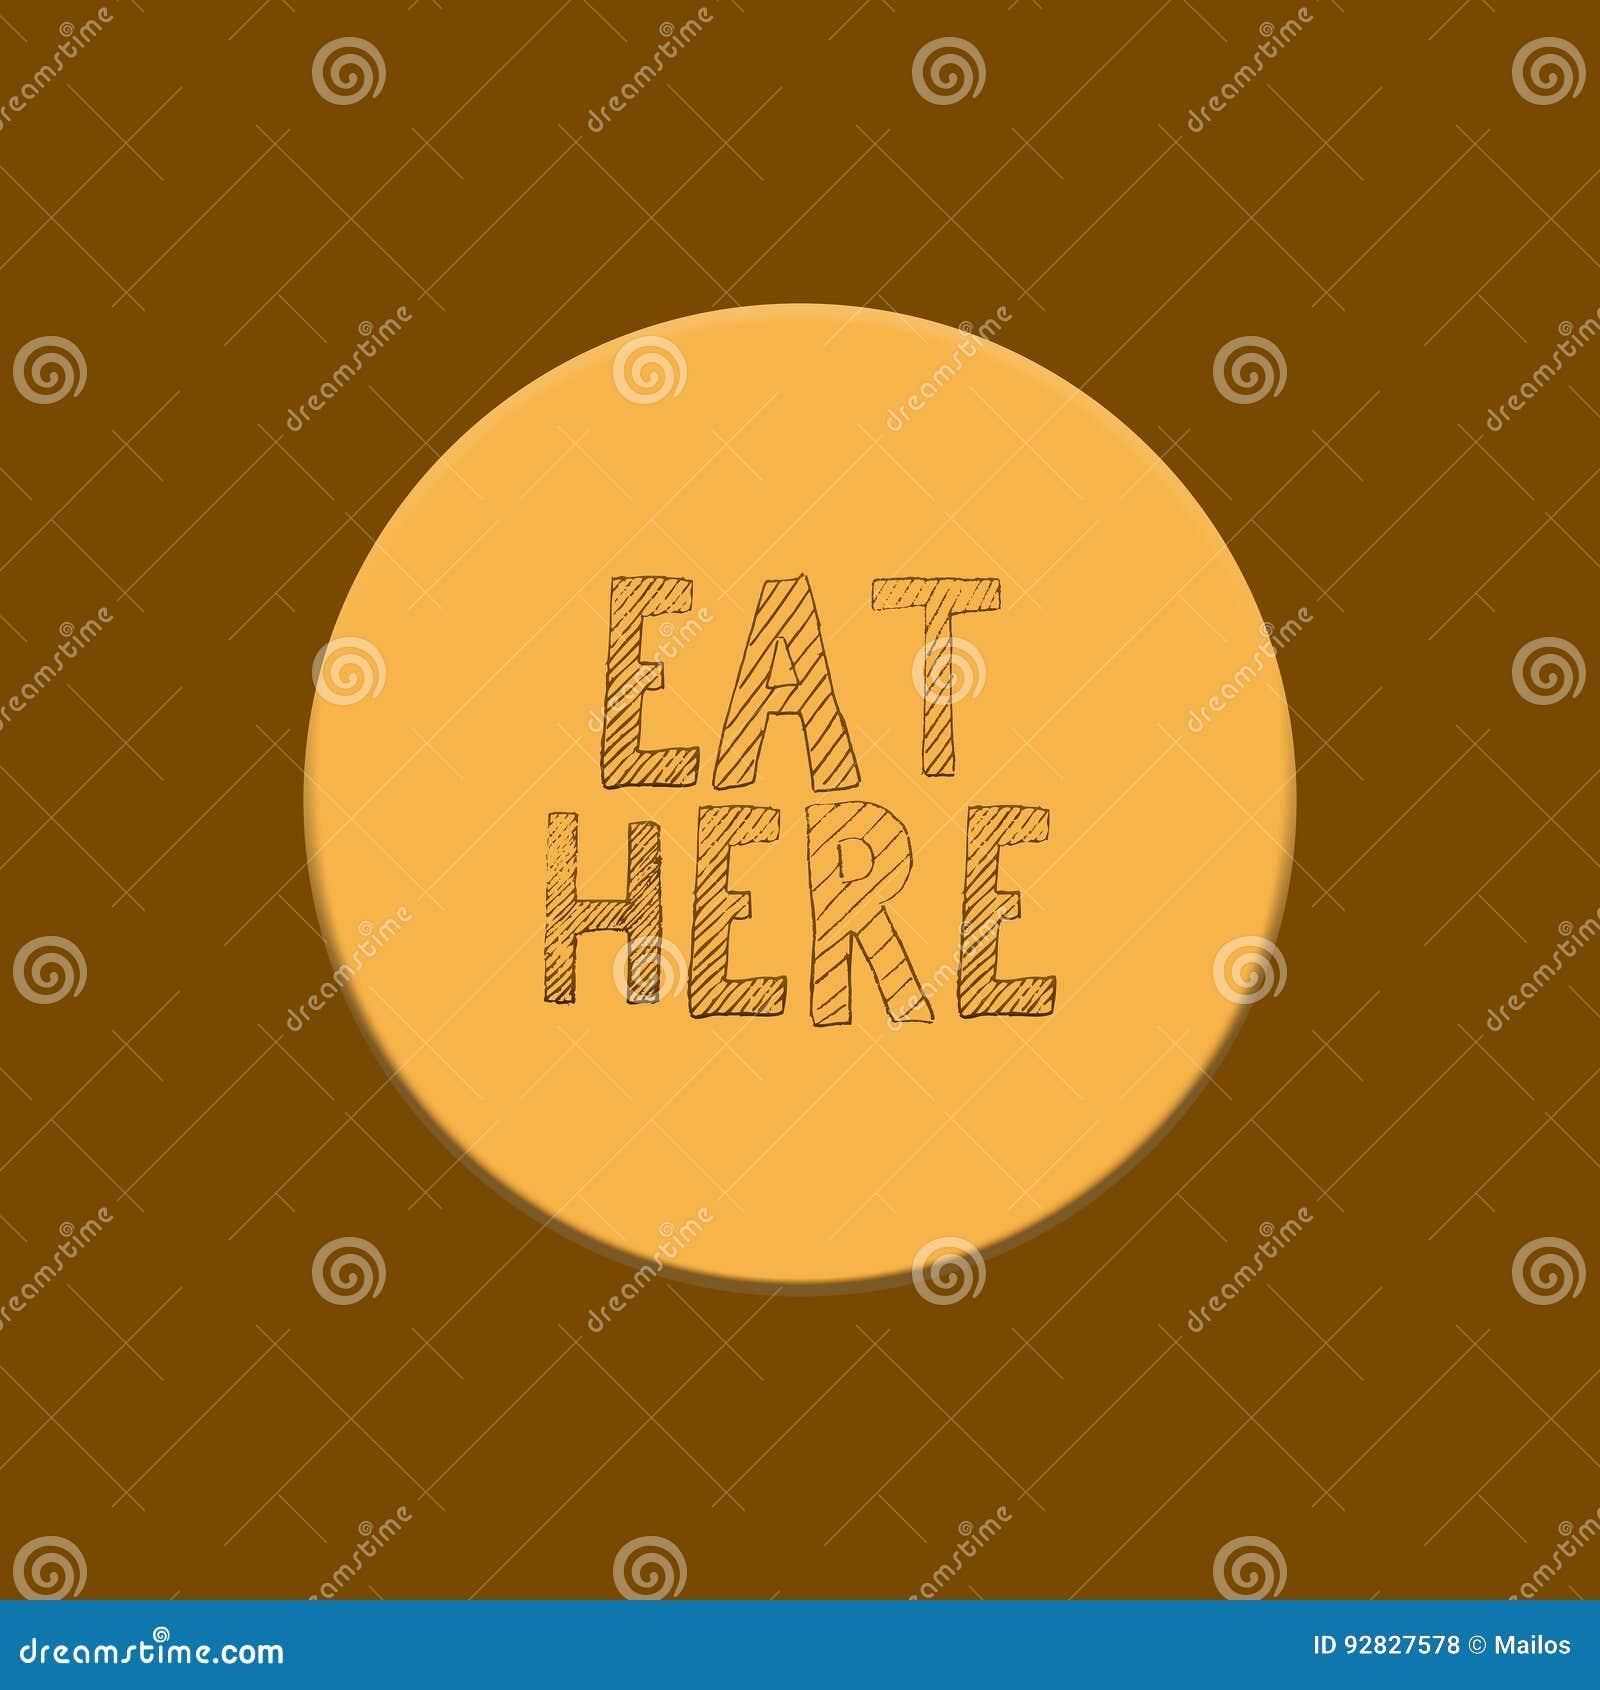 Das Schreiben essen hier auf gelbem und braunem Hintergrund